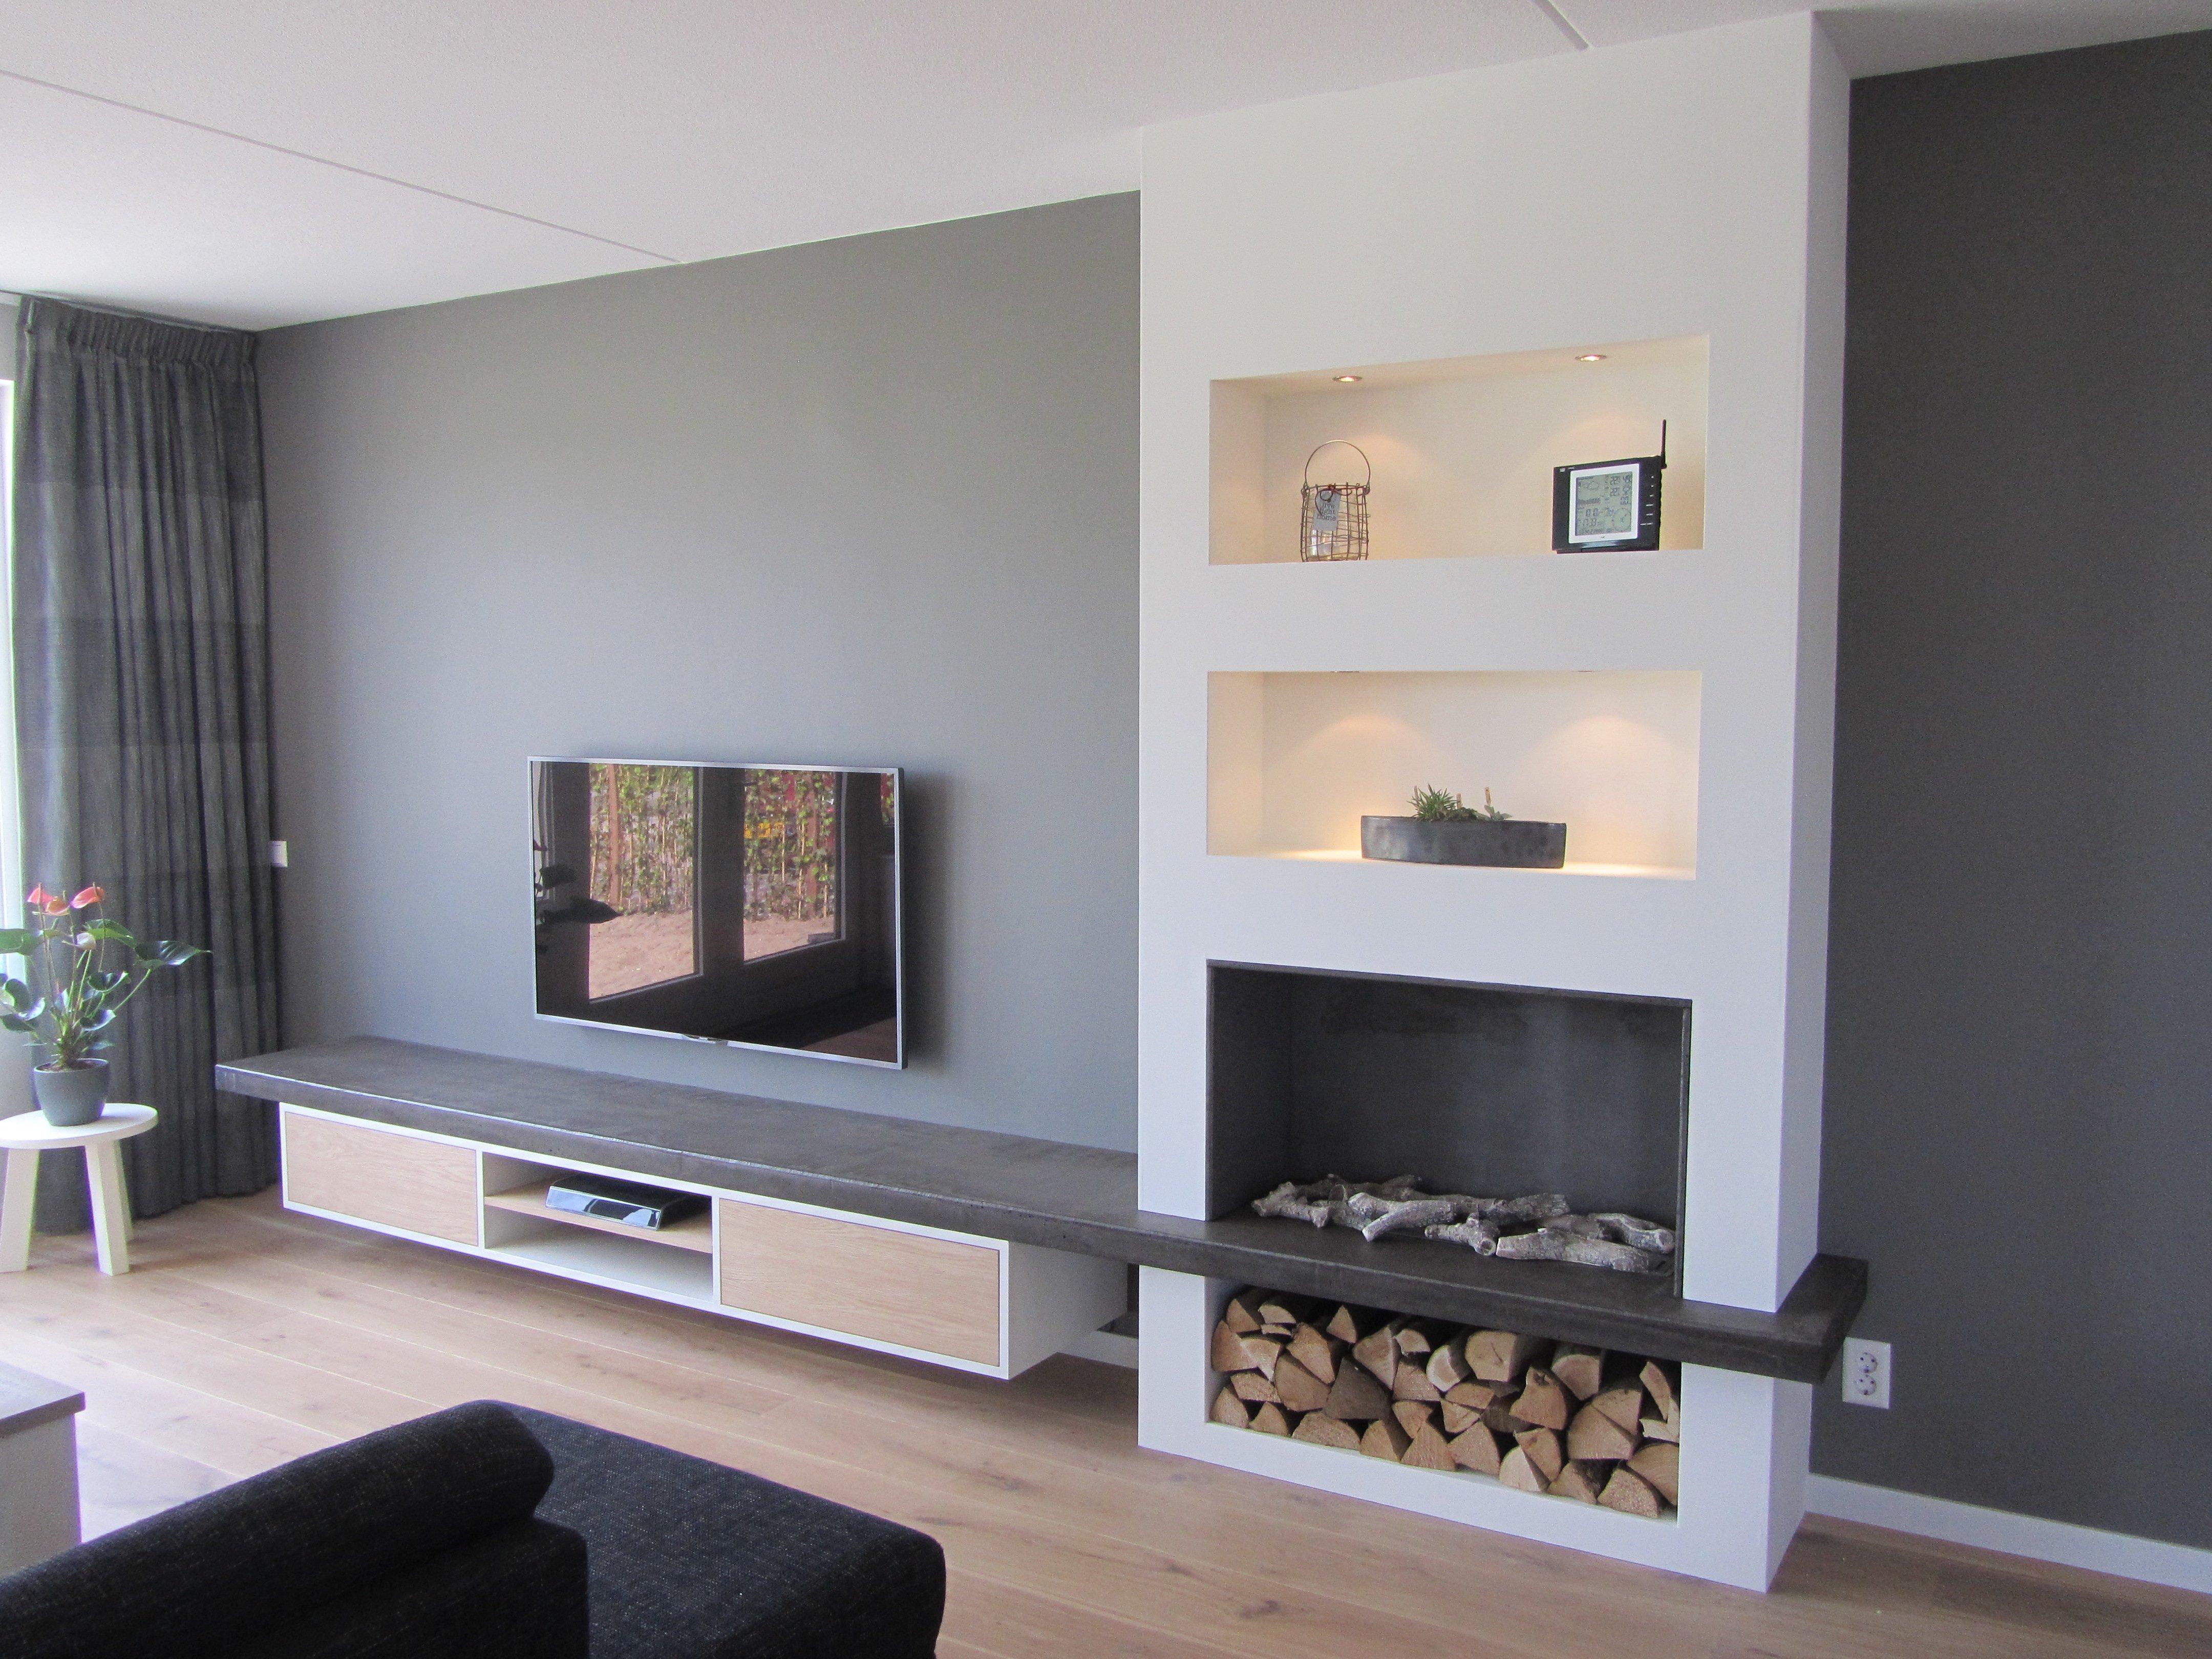 Genoeg TV meubel met geïntegreerde haard – Jasper Badoux &PO45